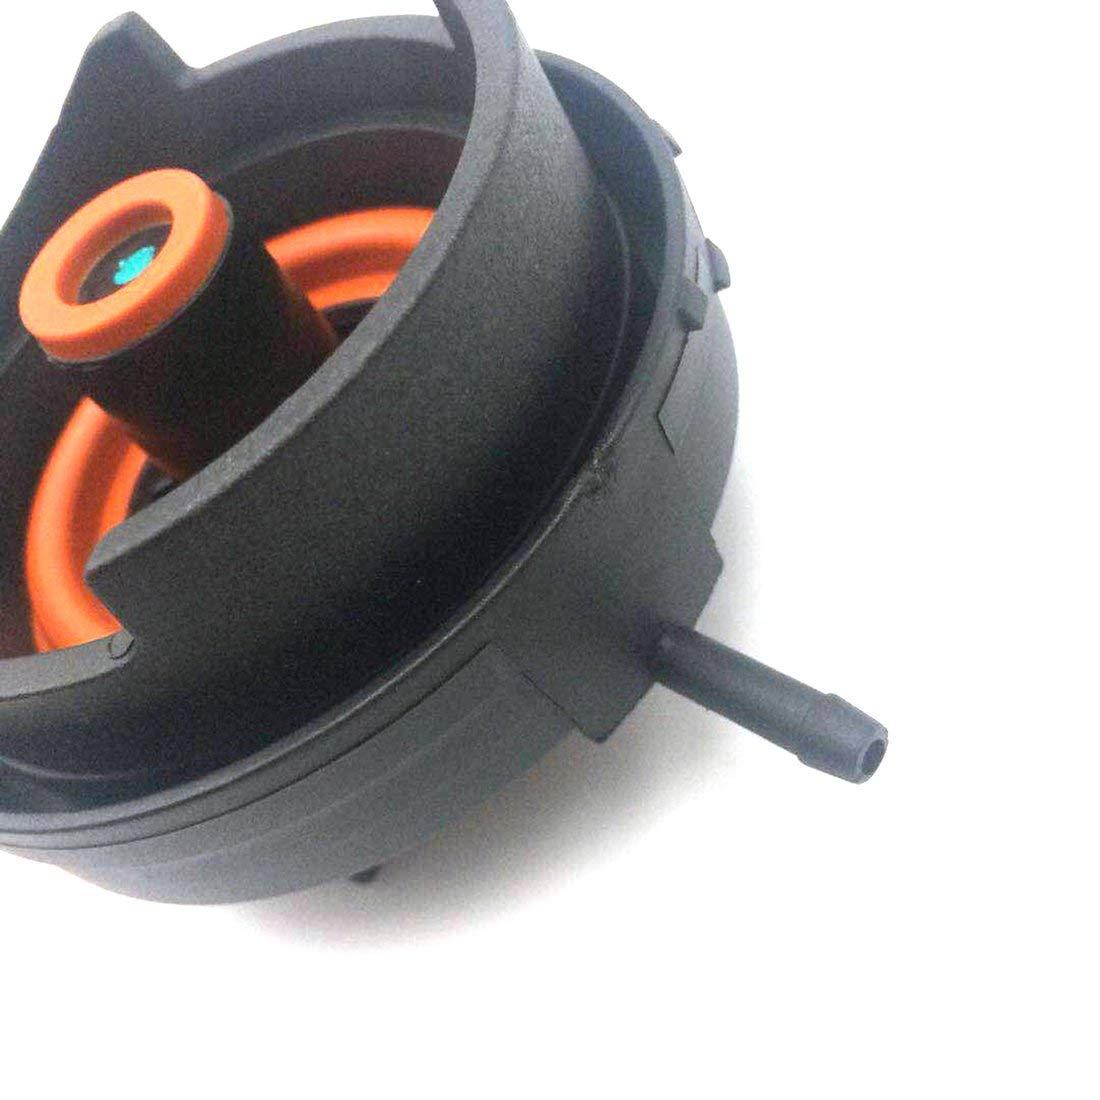 Reparatursatz f/ür Ventildeckel BMW N51 N52K N53 N52N N52